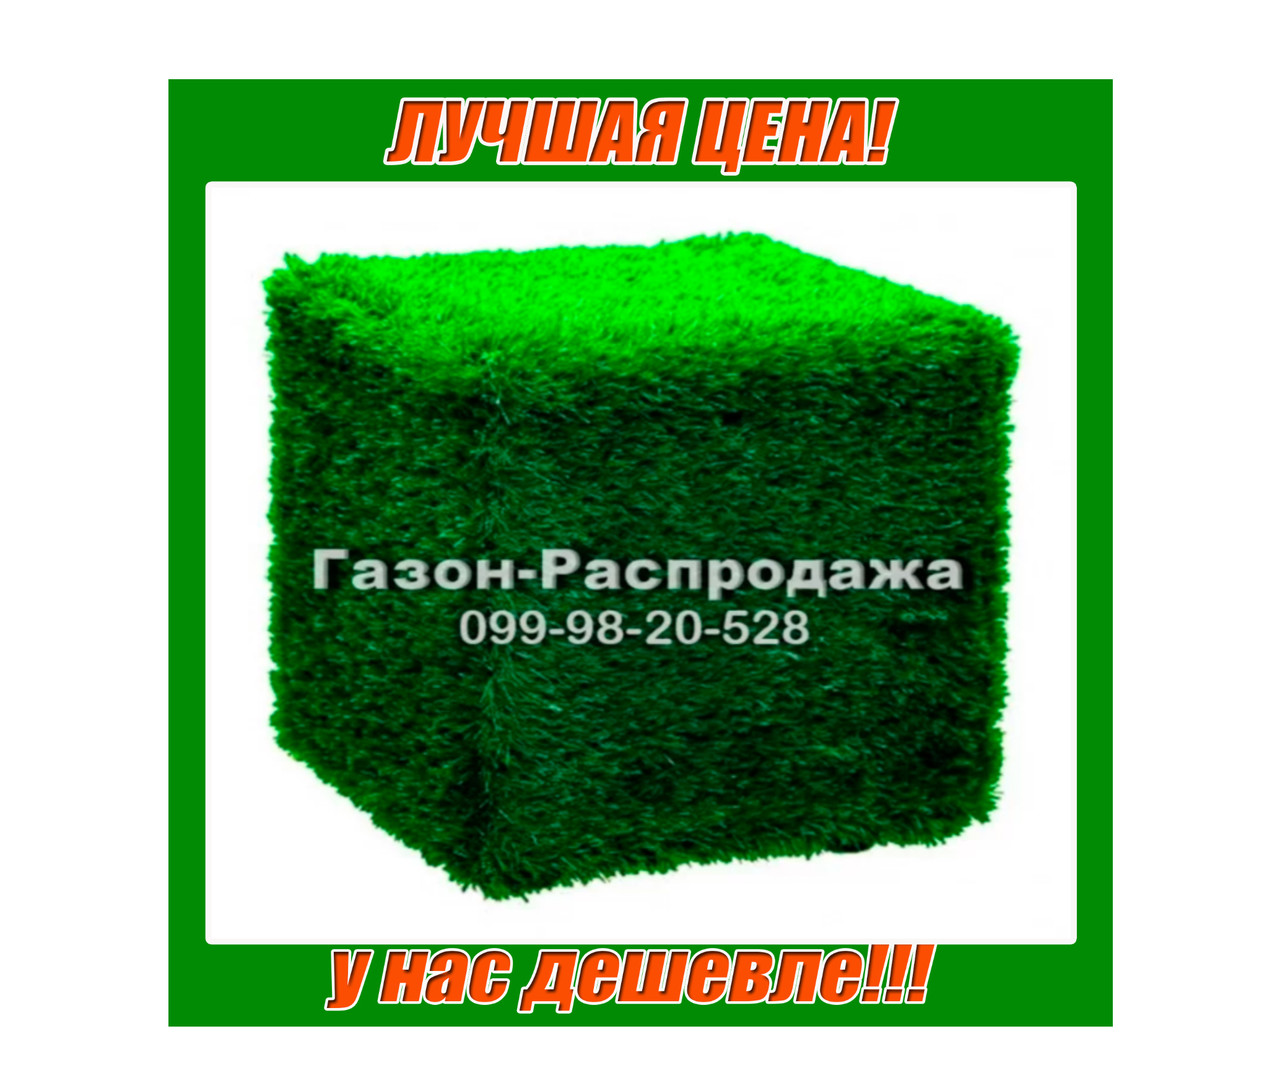 65грн/кг мешок 25кг Газон-Распродажа 2021 семена газонных трав оптом по низким ценам